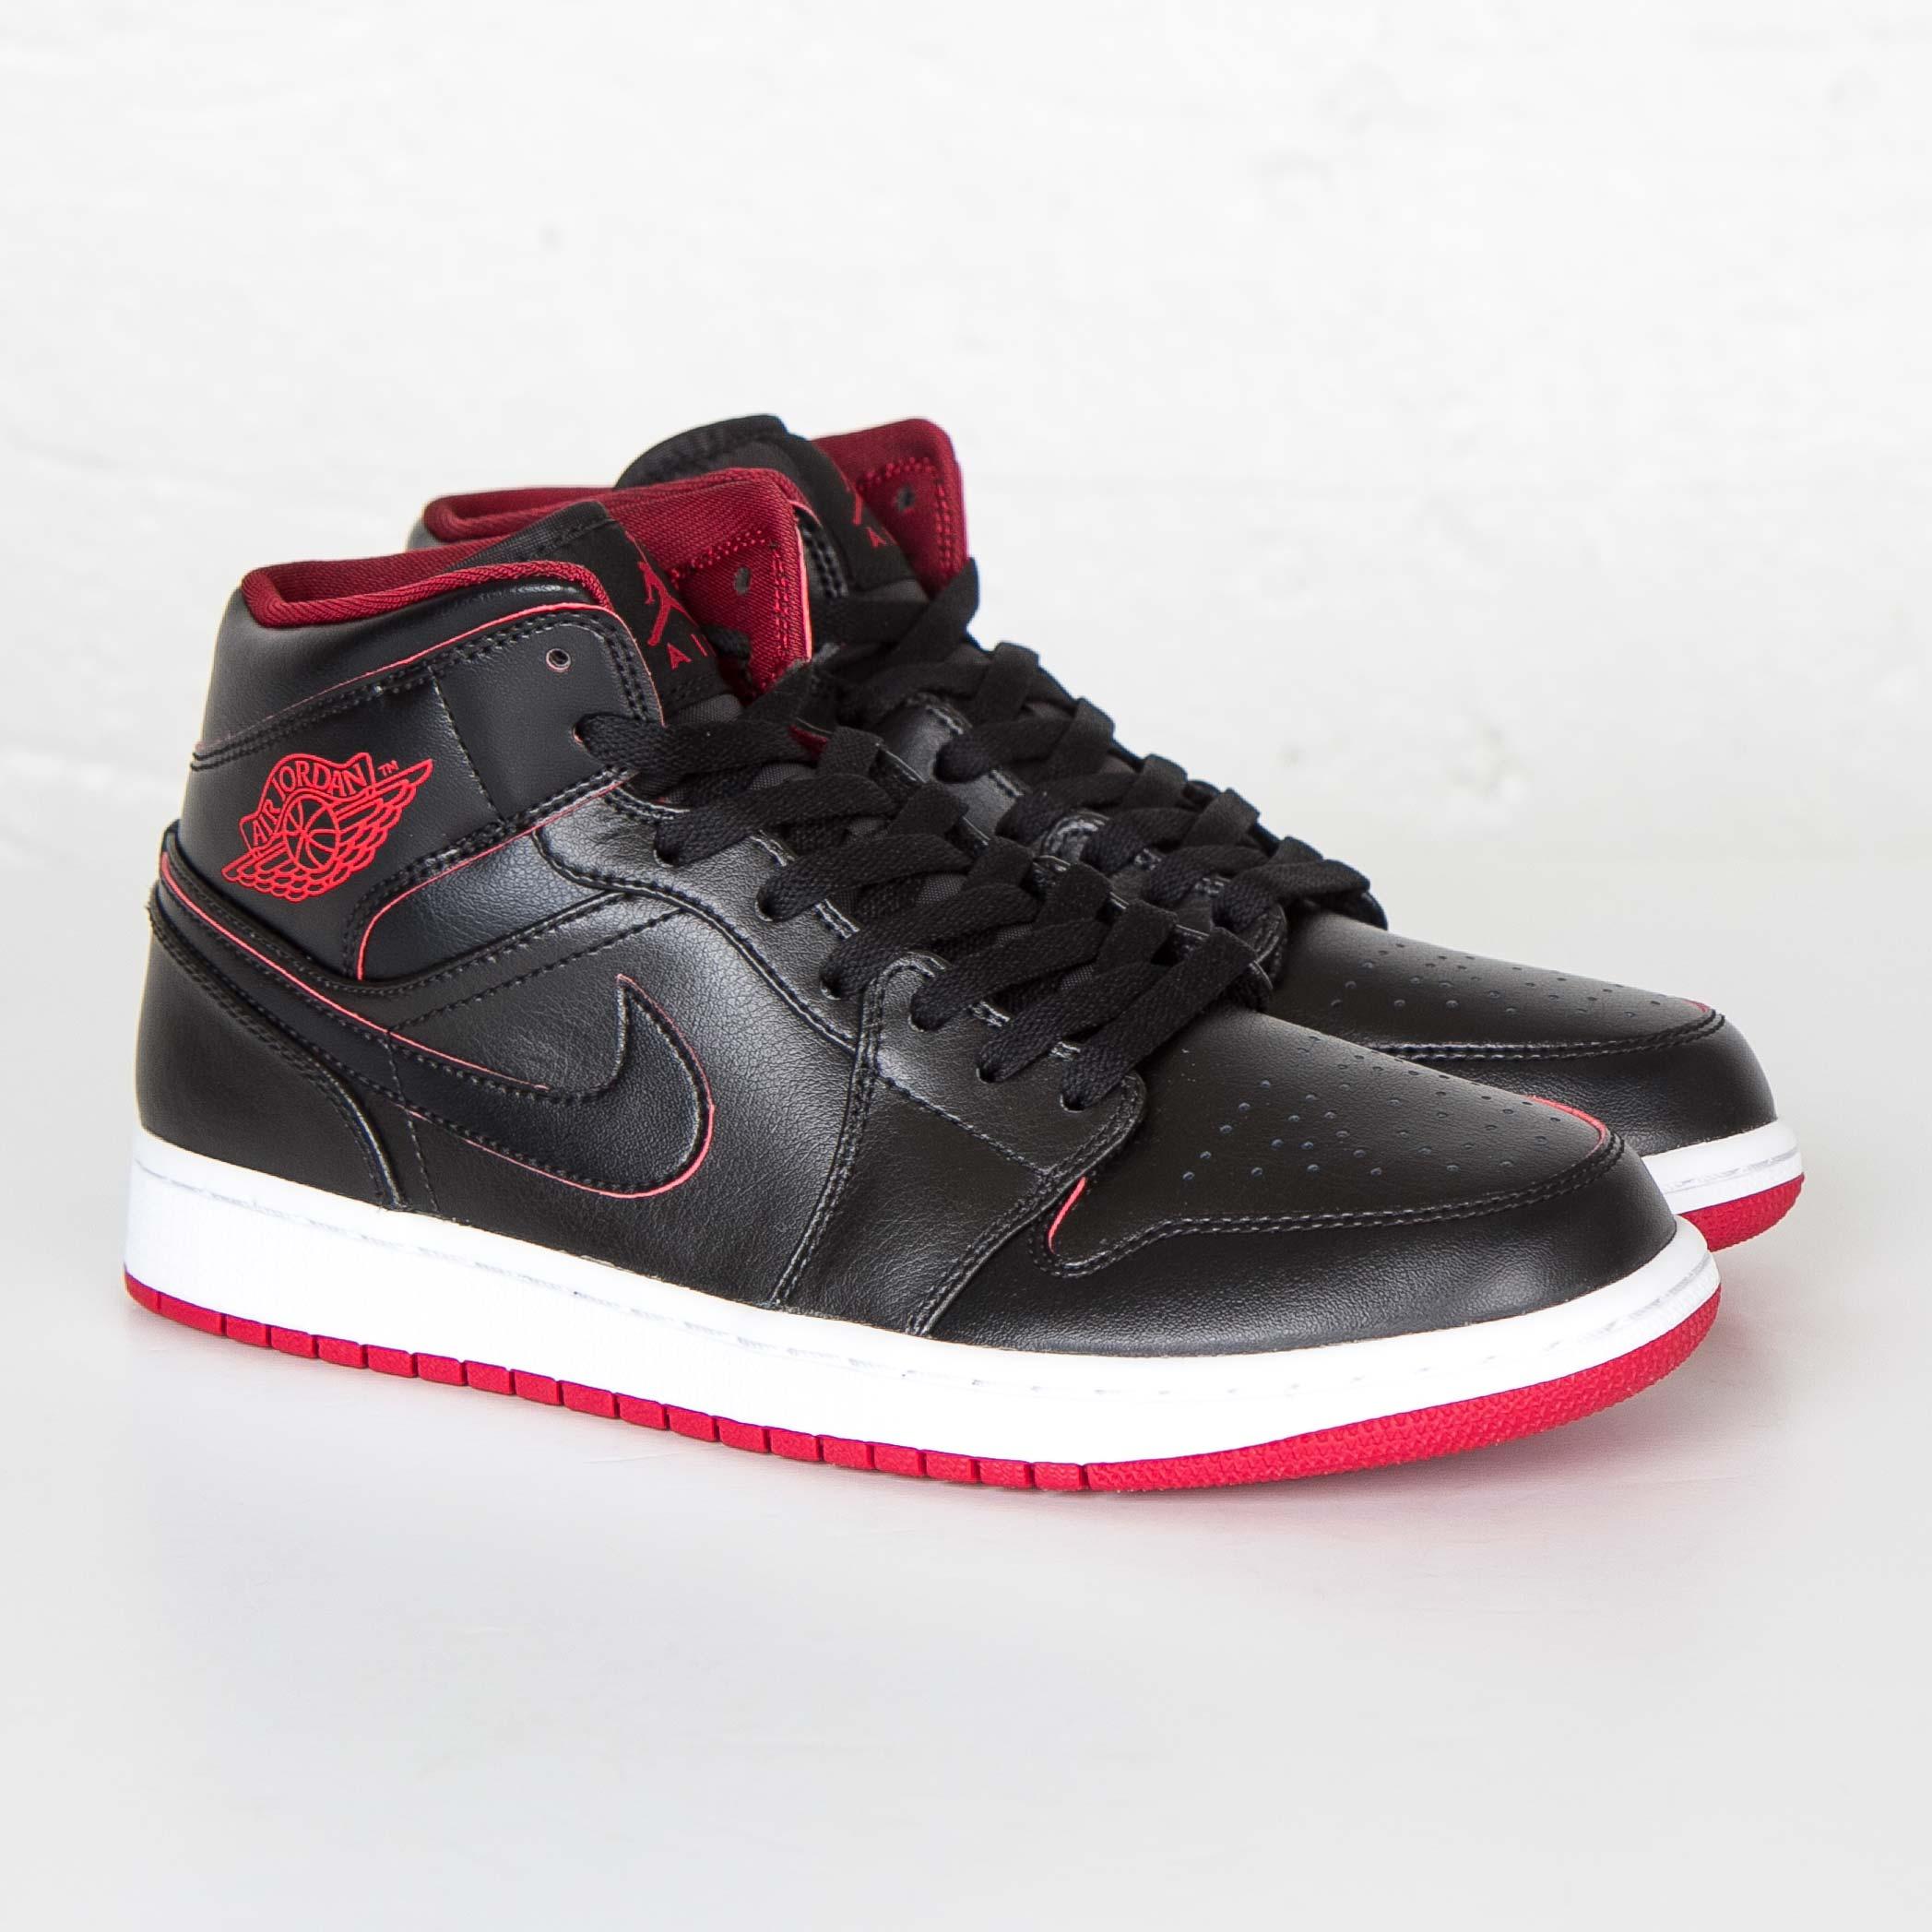 buy popular cfa29 8cf80 Jordan Brand Air Jordan 1 Mid